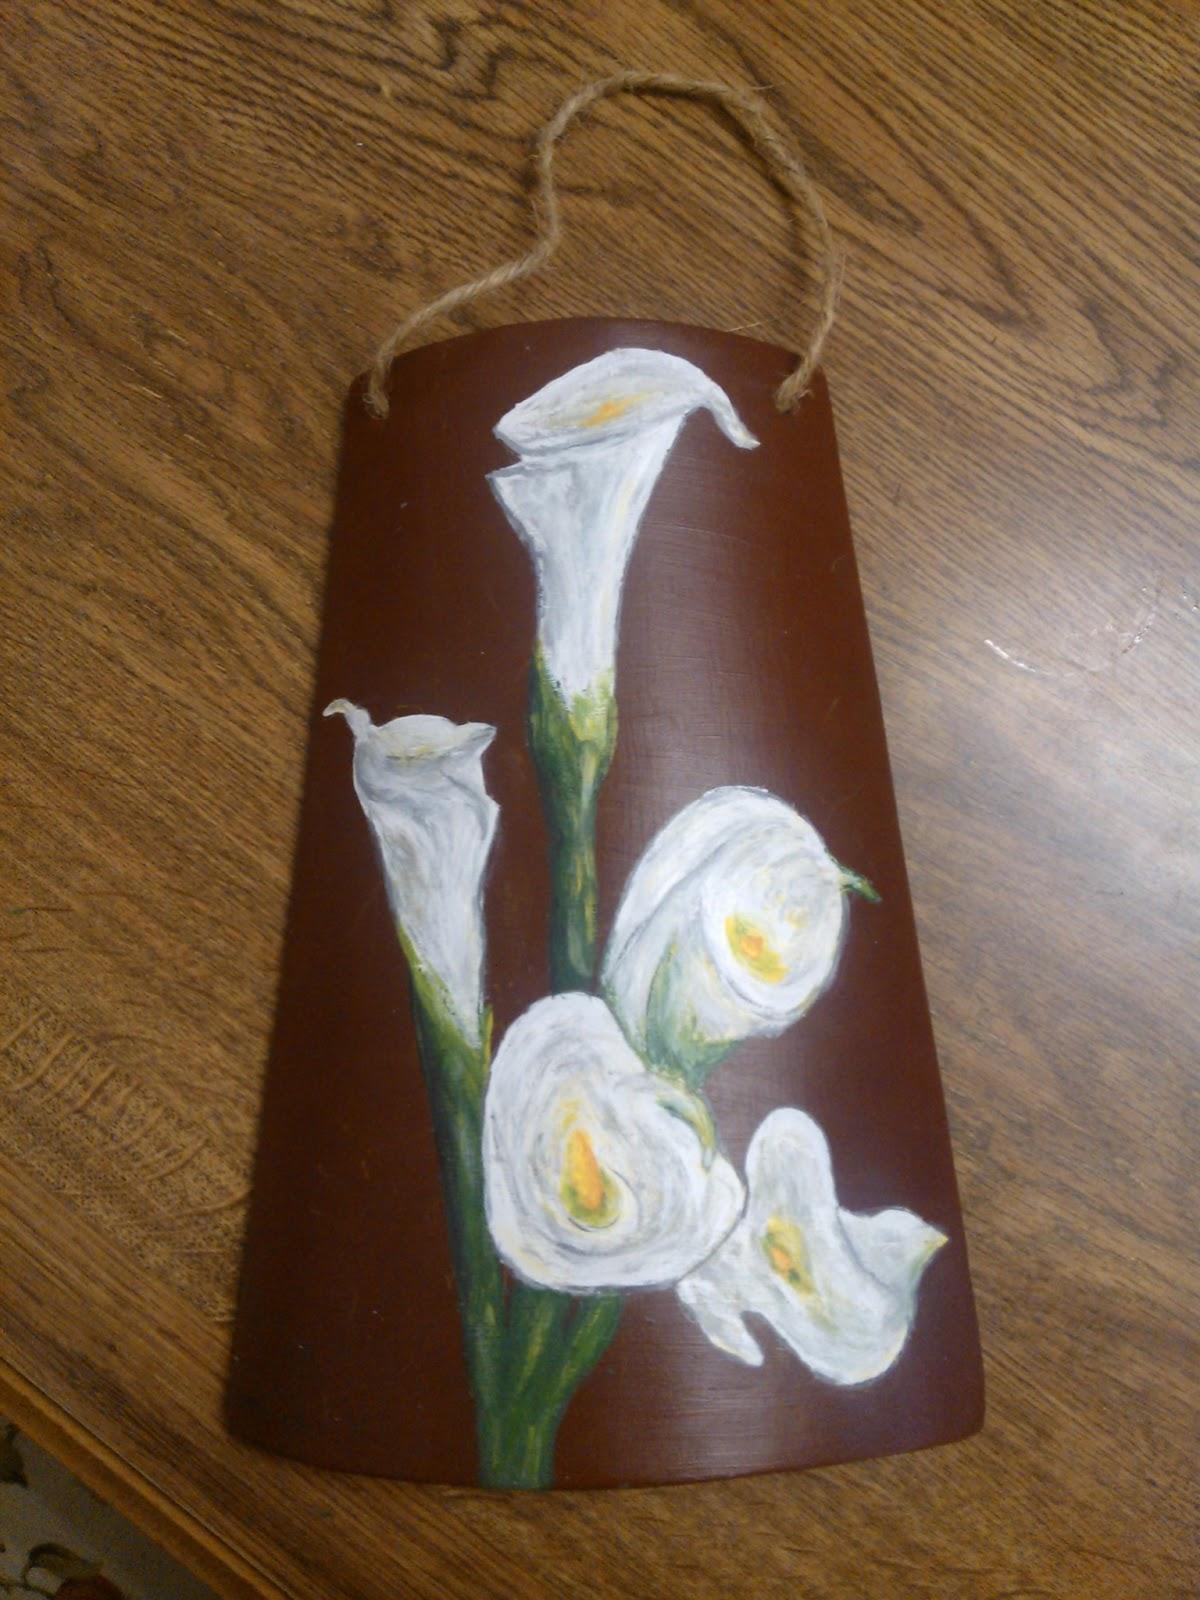 Manualidades tejas pintadas - Accesorios para decorar tejas ...